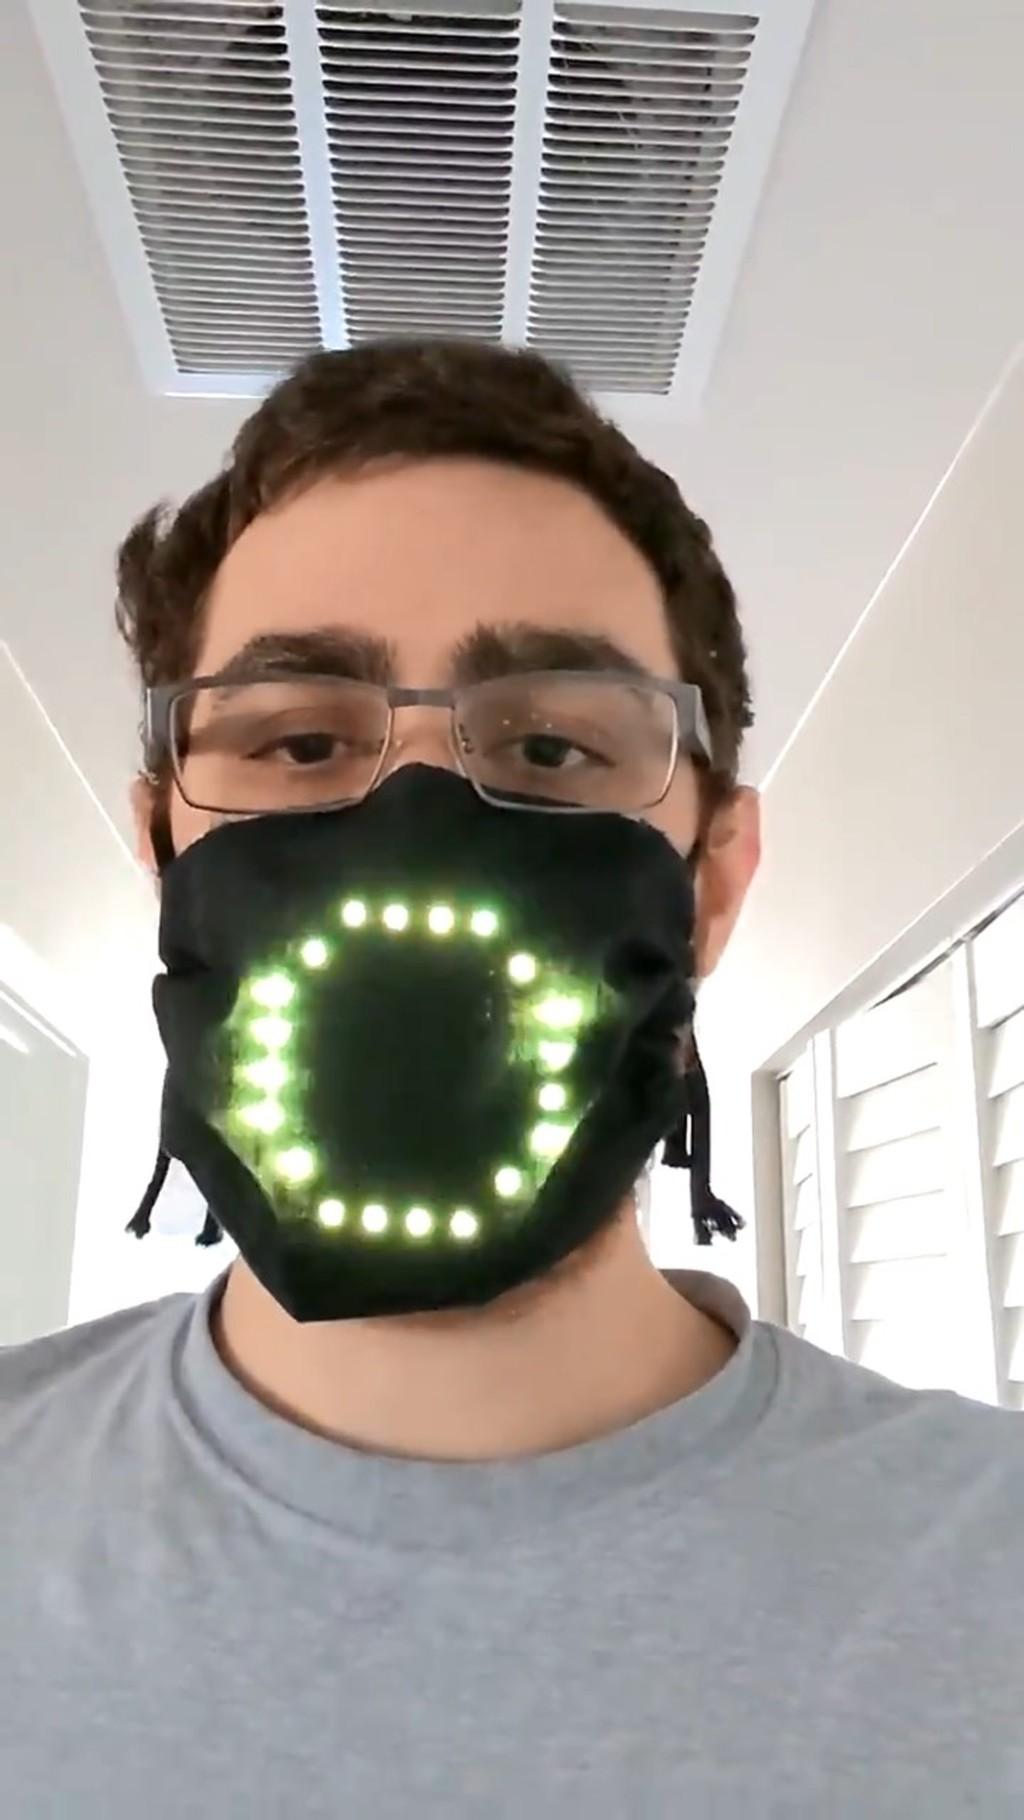 工程師發明「能露出表情」的親民口罩 臭臉人再也不怕被誤會!